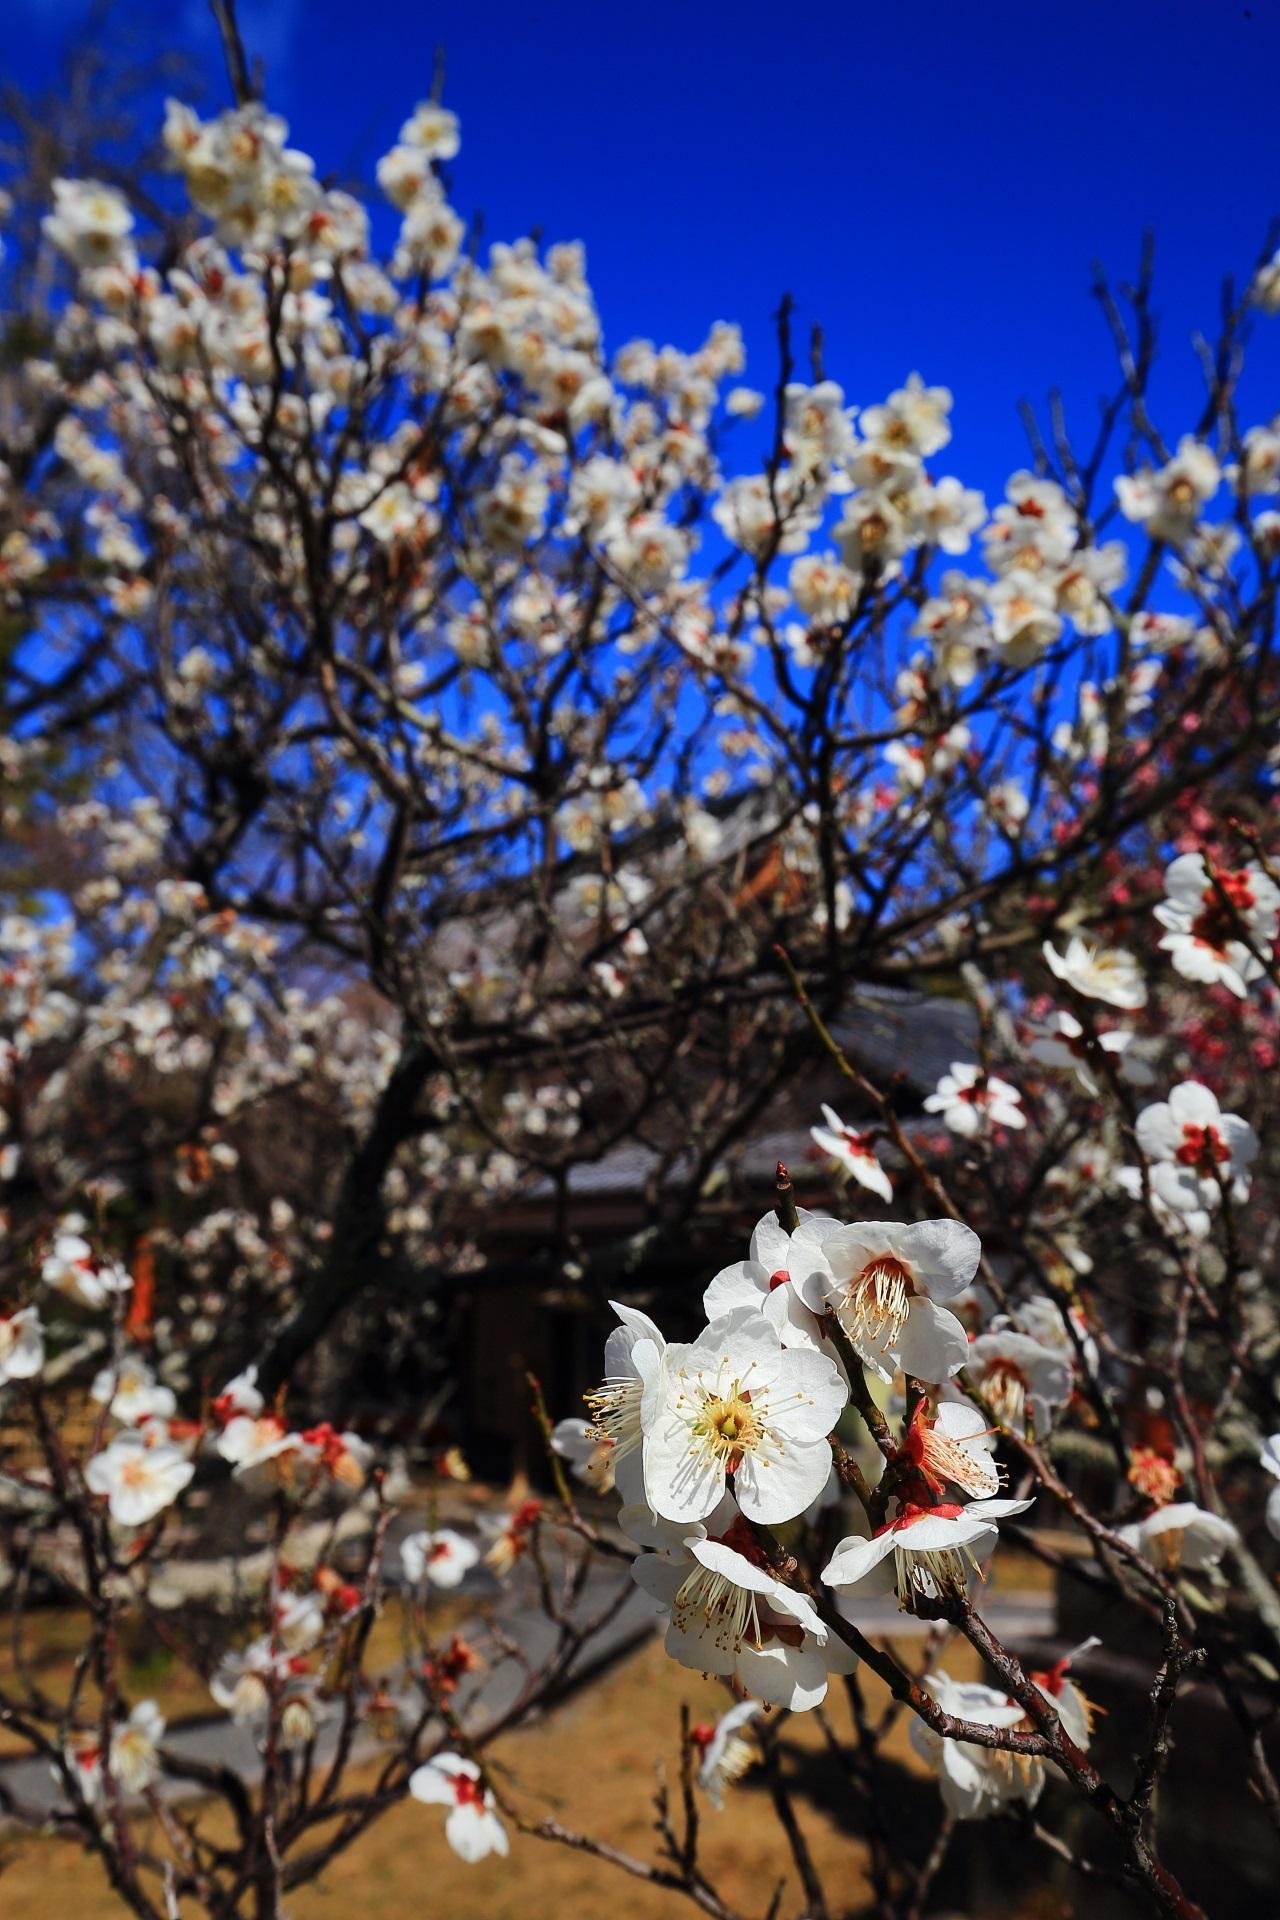 太陽を浴びて弾けんばかりに咲き誇る元気いっぱいの白梅